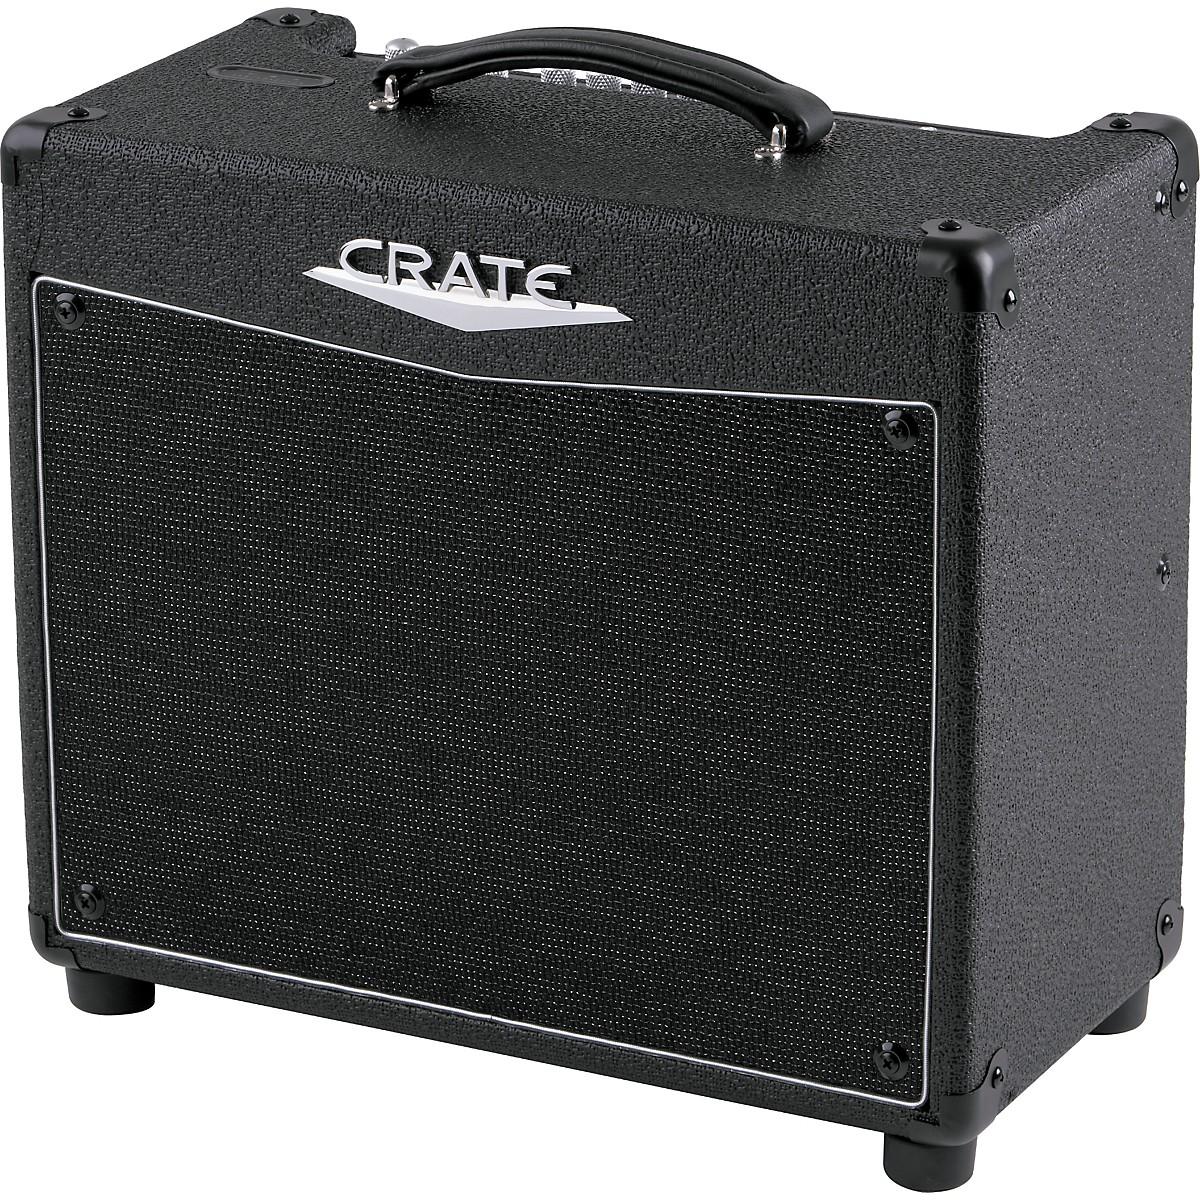 Crate VTX Series VTX30B 30W 1x10 Guitar Combo Amp